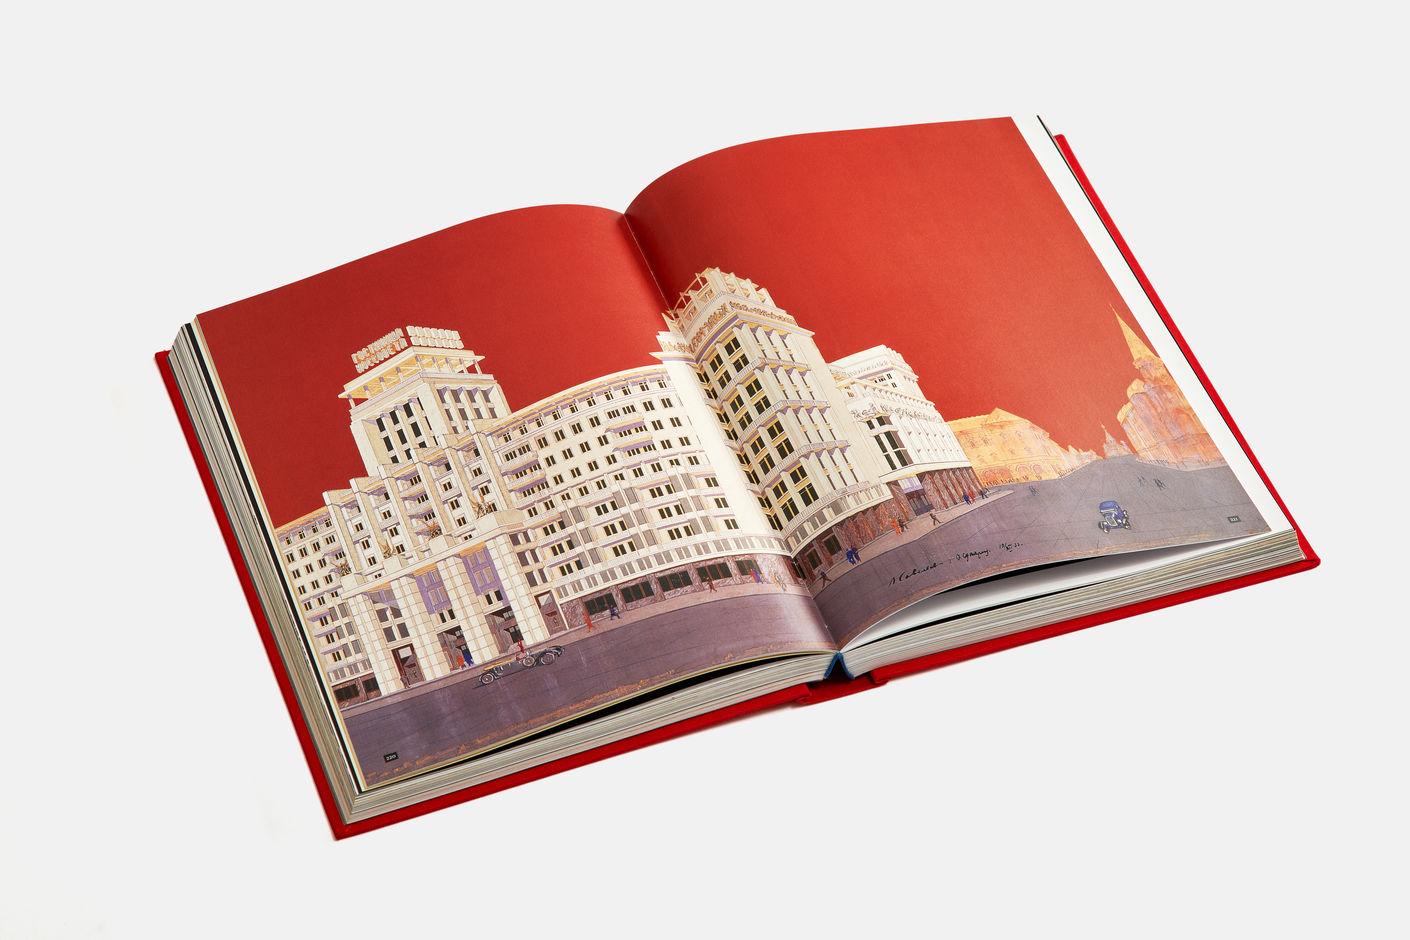 Подарочная книга Россий 20-й век, 2003, Агей Томеш, Лаборатория дизайна НИУ ВШЭ